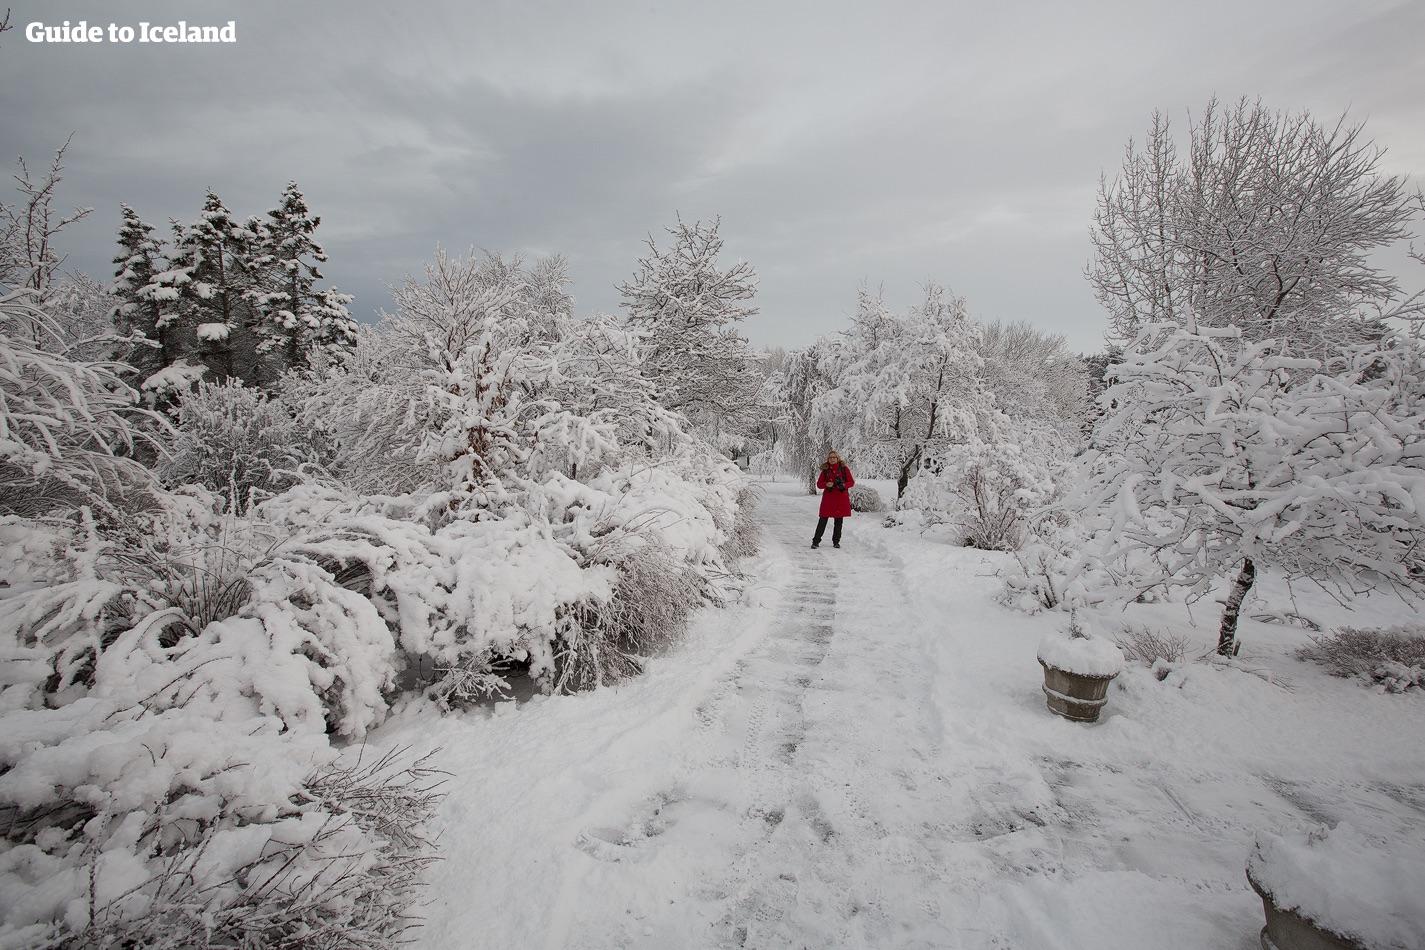 Island dekket av snø er et vidunderlig vinterlandskap.